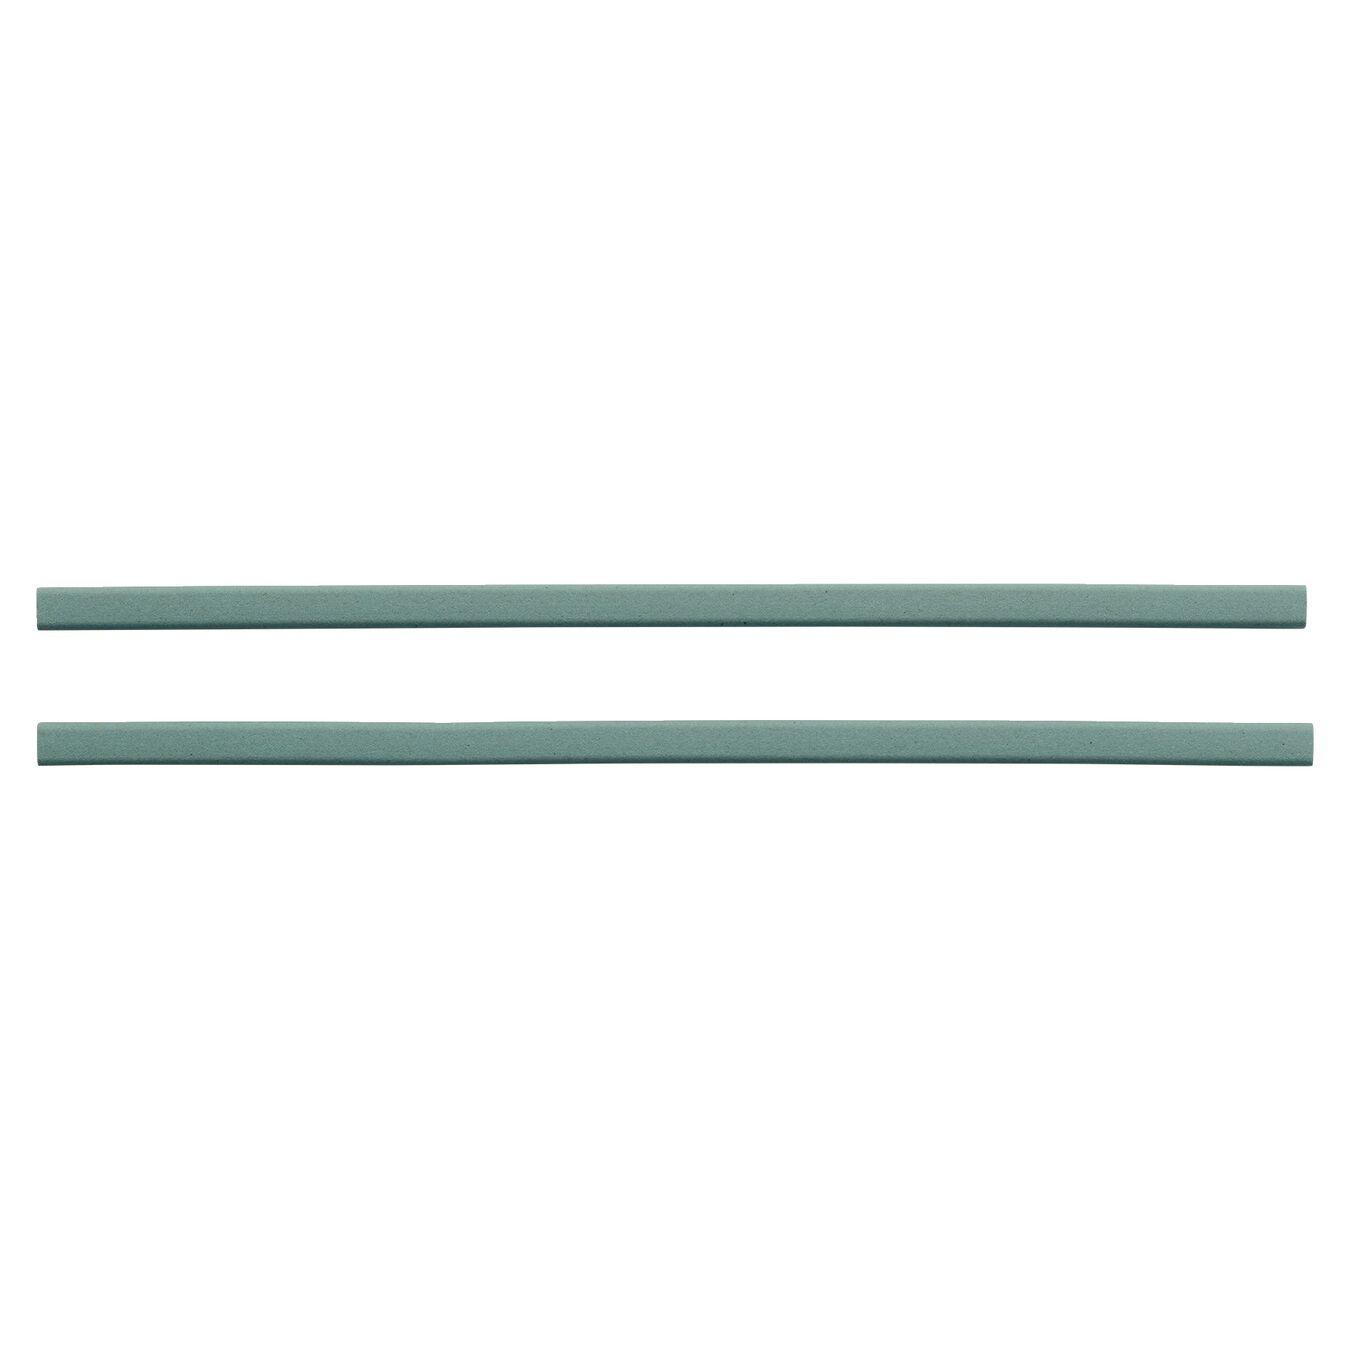 Hastes cerâmicas grão 360 - 2 un para afiador V-edge, 2 cm | Verde | Cerâmica,,large 1